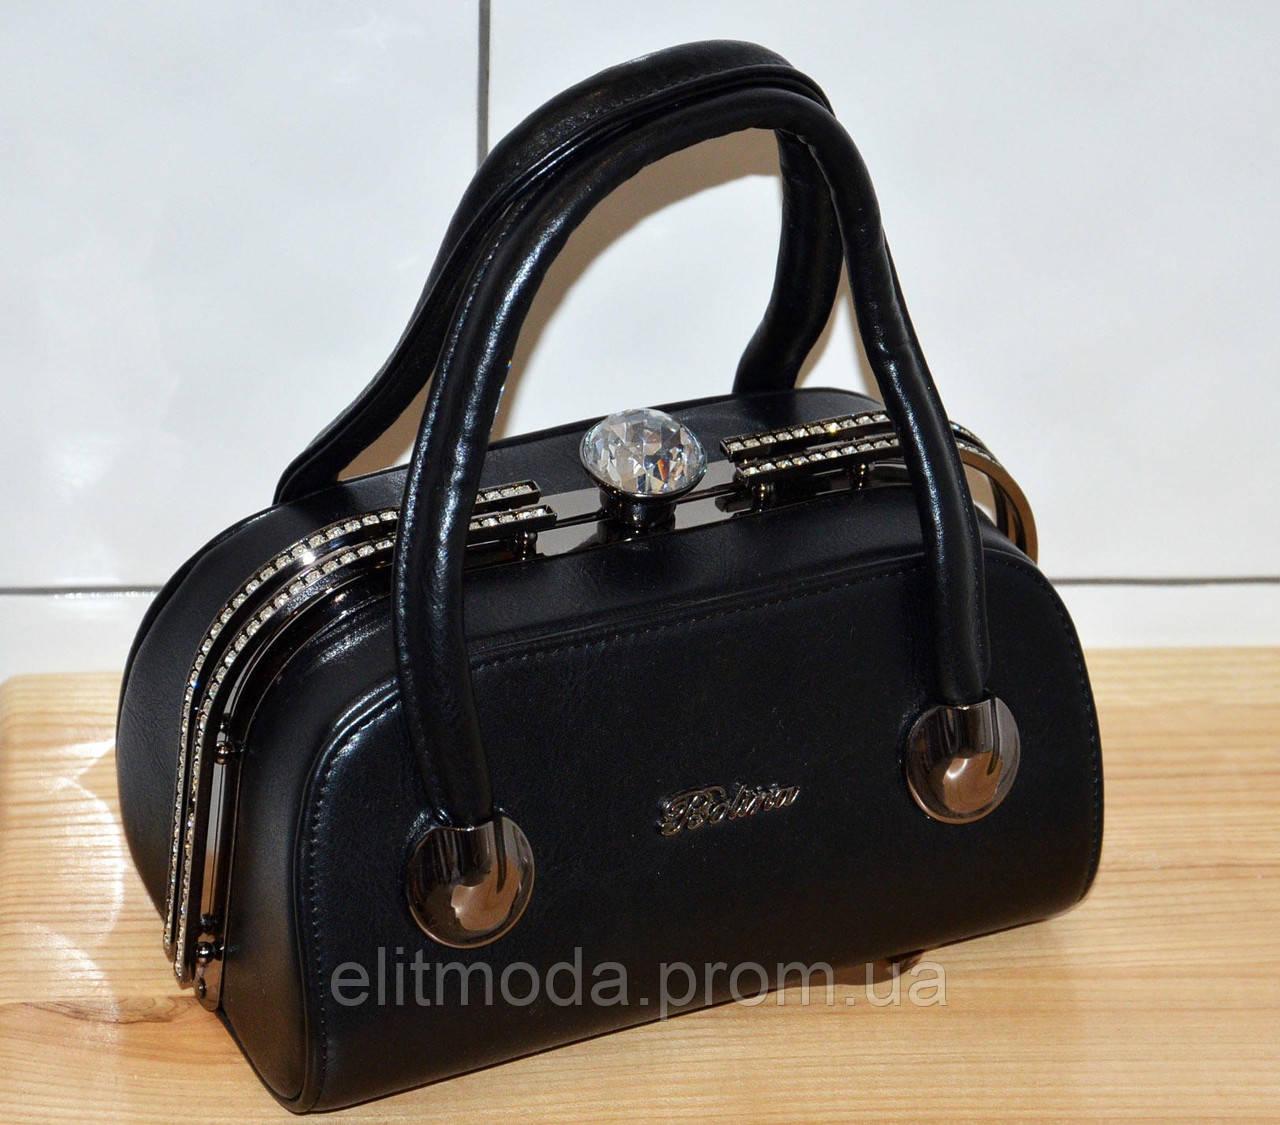 3cd58a698068 Красивая черная модная гламурная сумочка со стразами в форме саквояжа,  камень